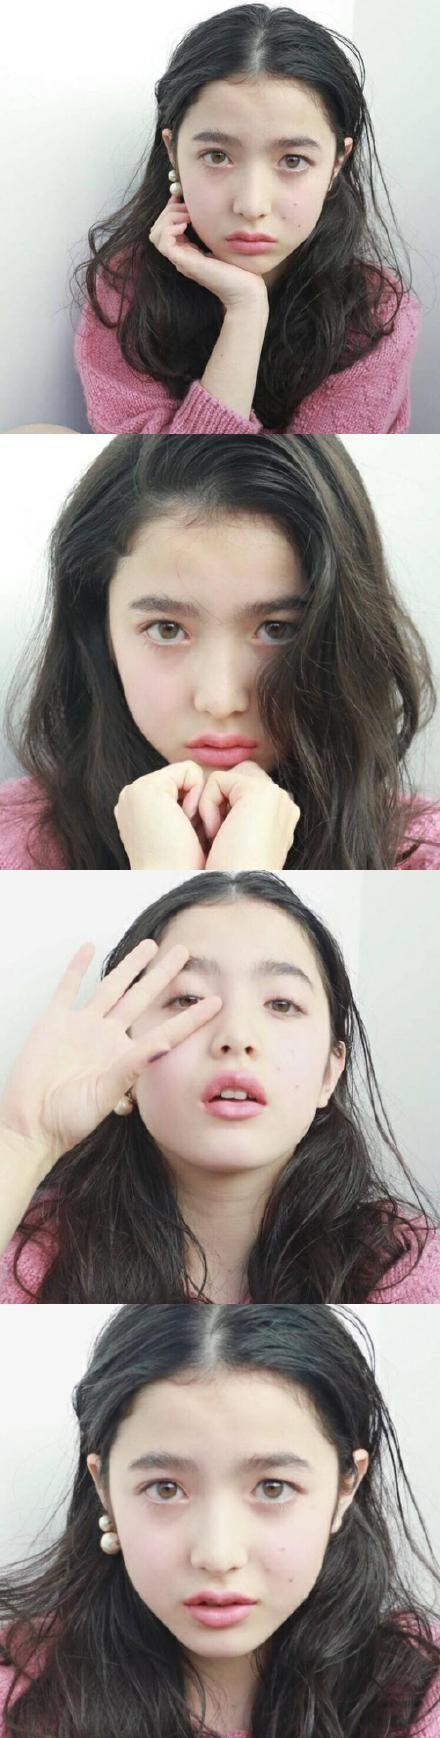 13岁日法混血小模特山田直美 - 复古老照片的微博_微博